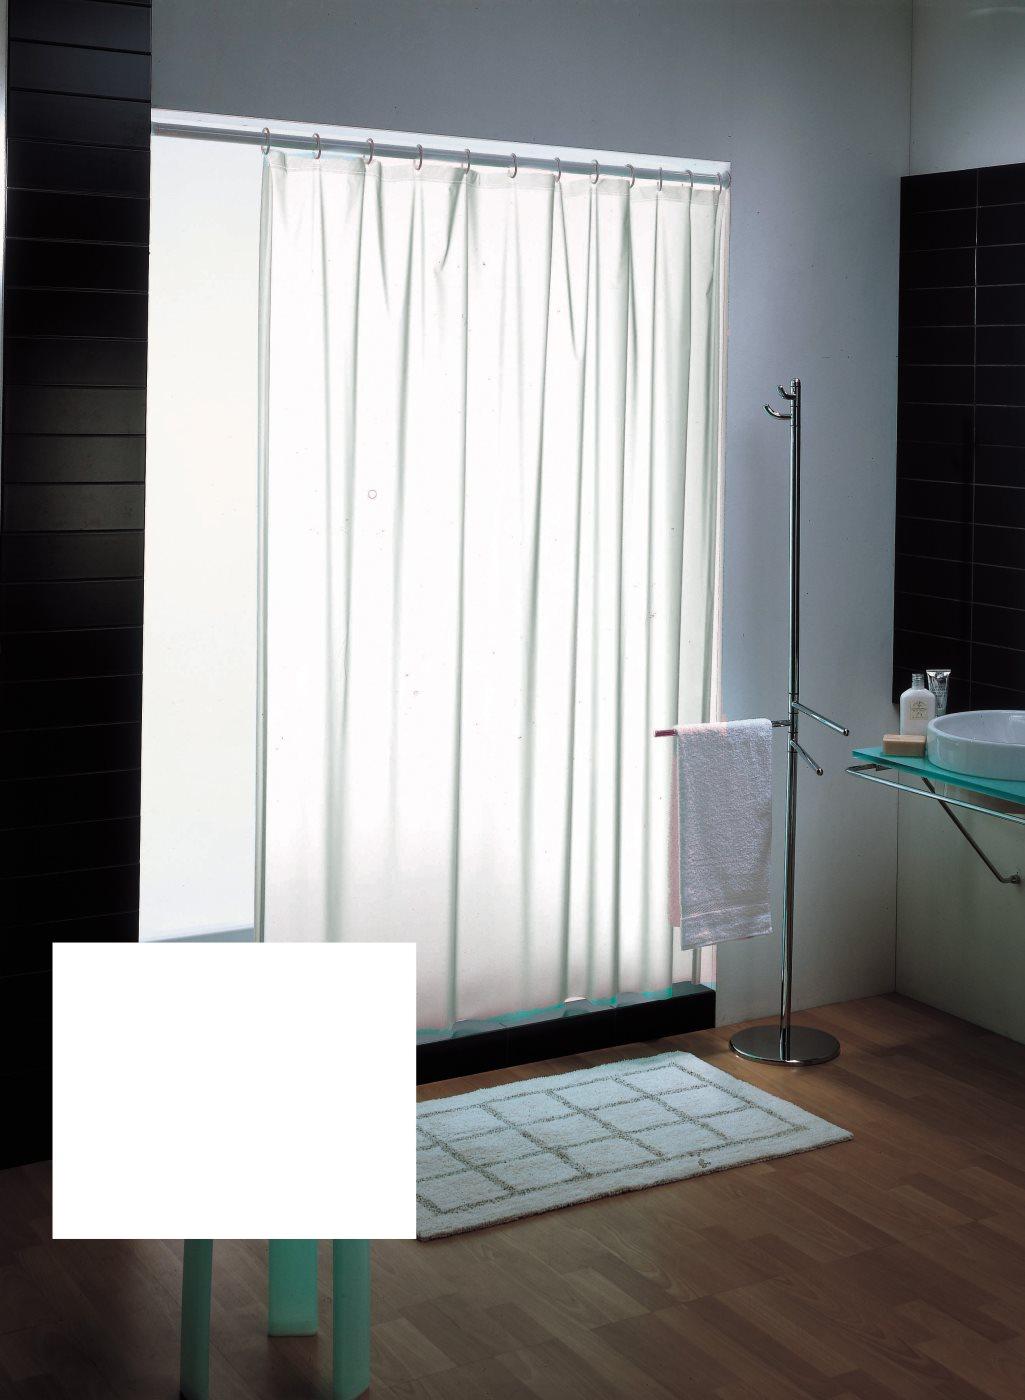 Nbrand tenda da doccia vasca da bagno cm 120x200 con anelli colore bianco 1120 b 125541 - Tenda per vasca da bagno ...